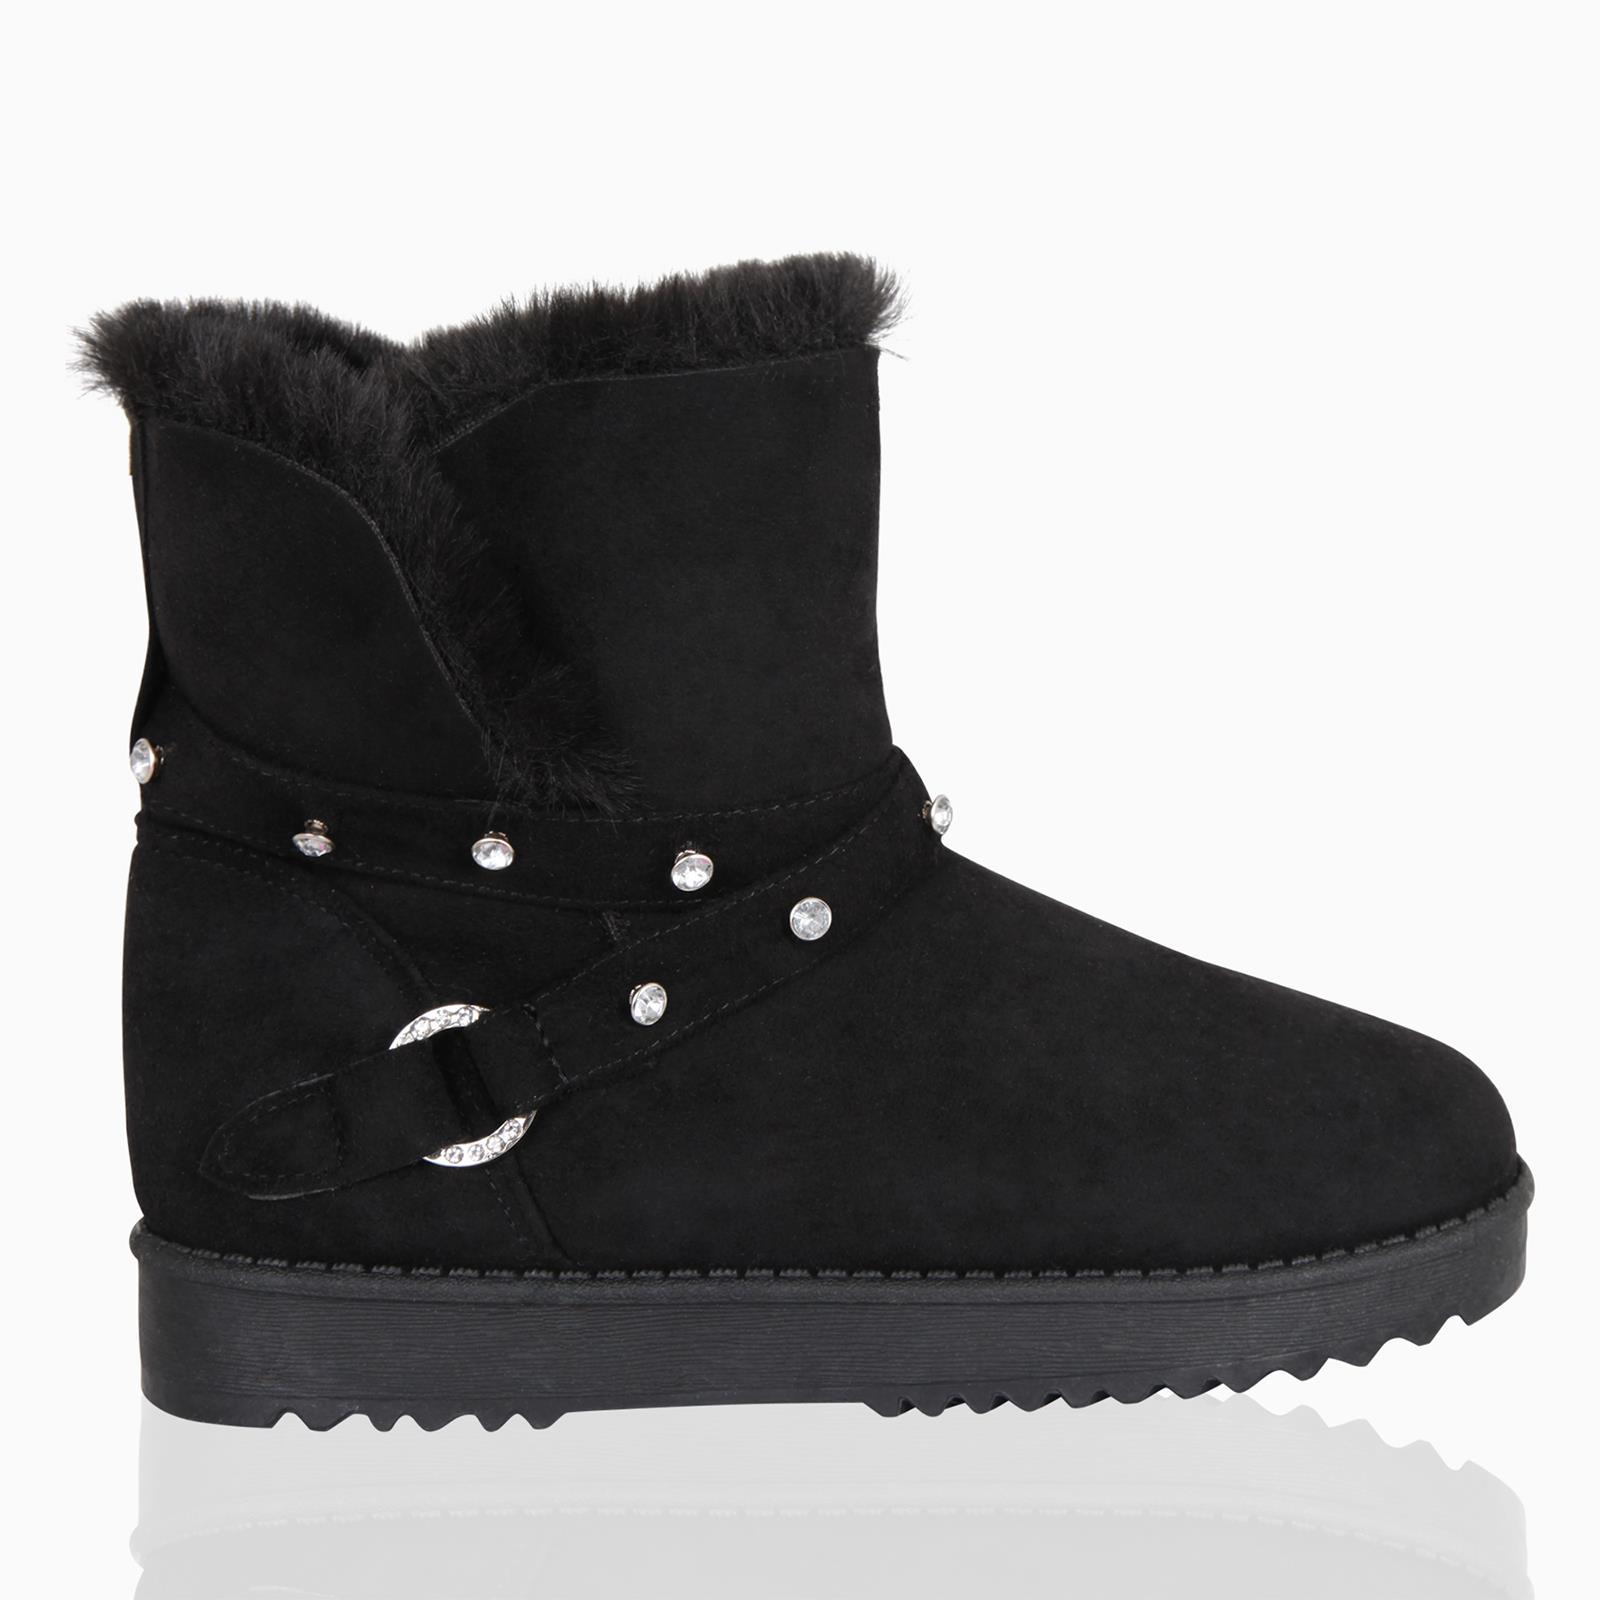 Detalles de Mujer Piel Forro Botas Minishorts Nieve Invierno Zapatos Suave Tobillo Hebilla